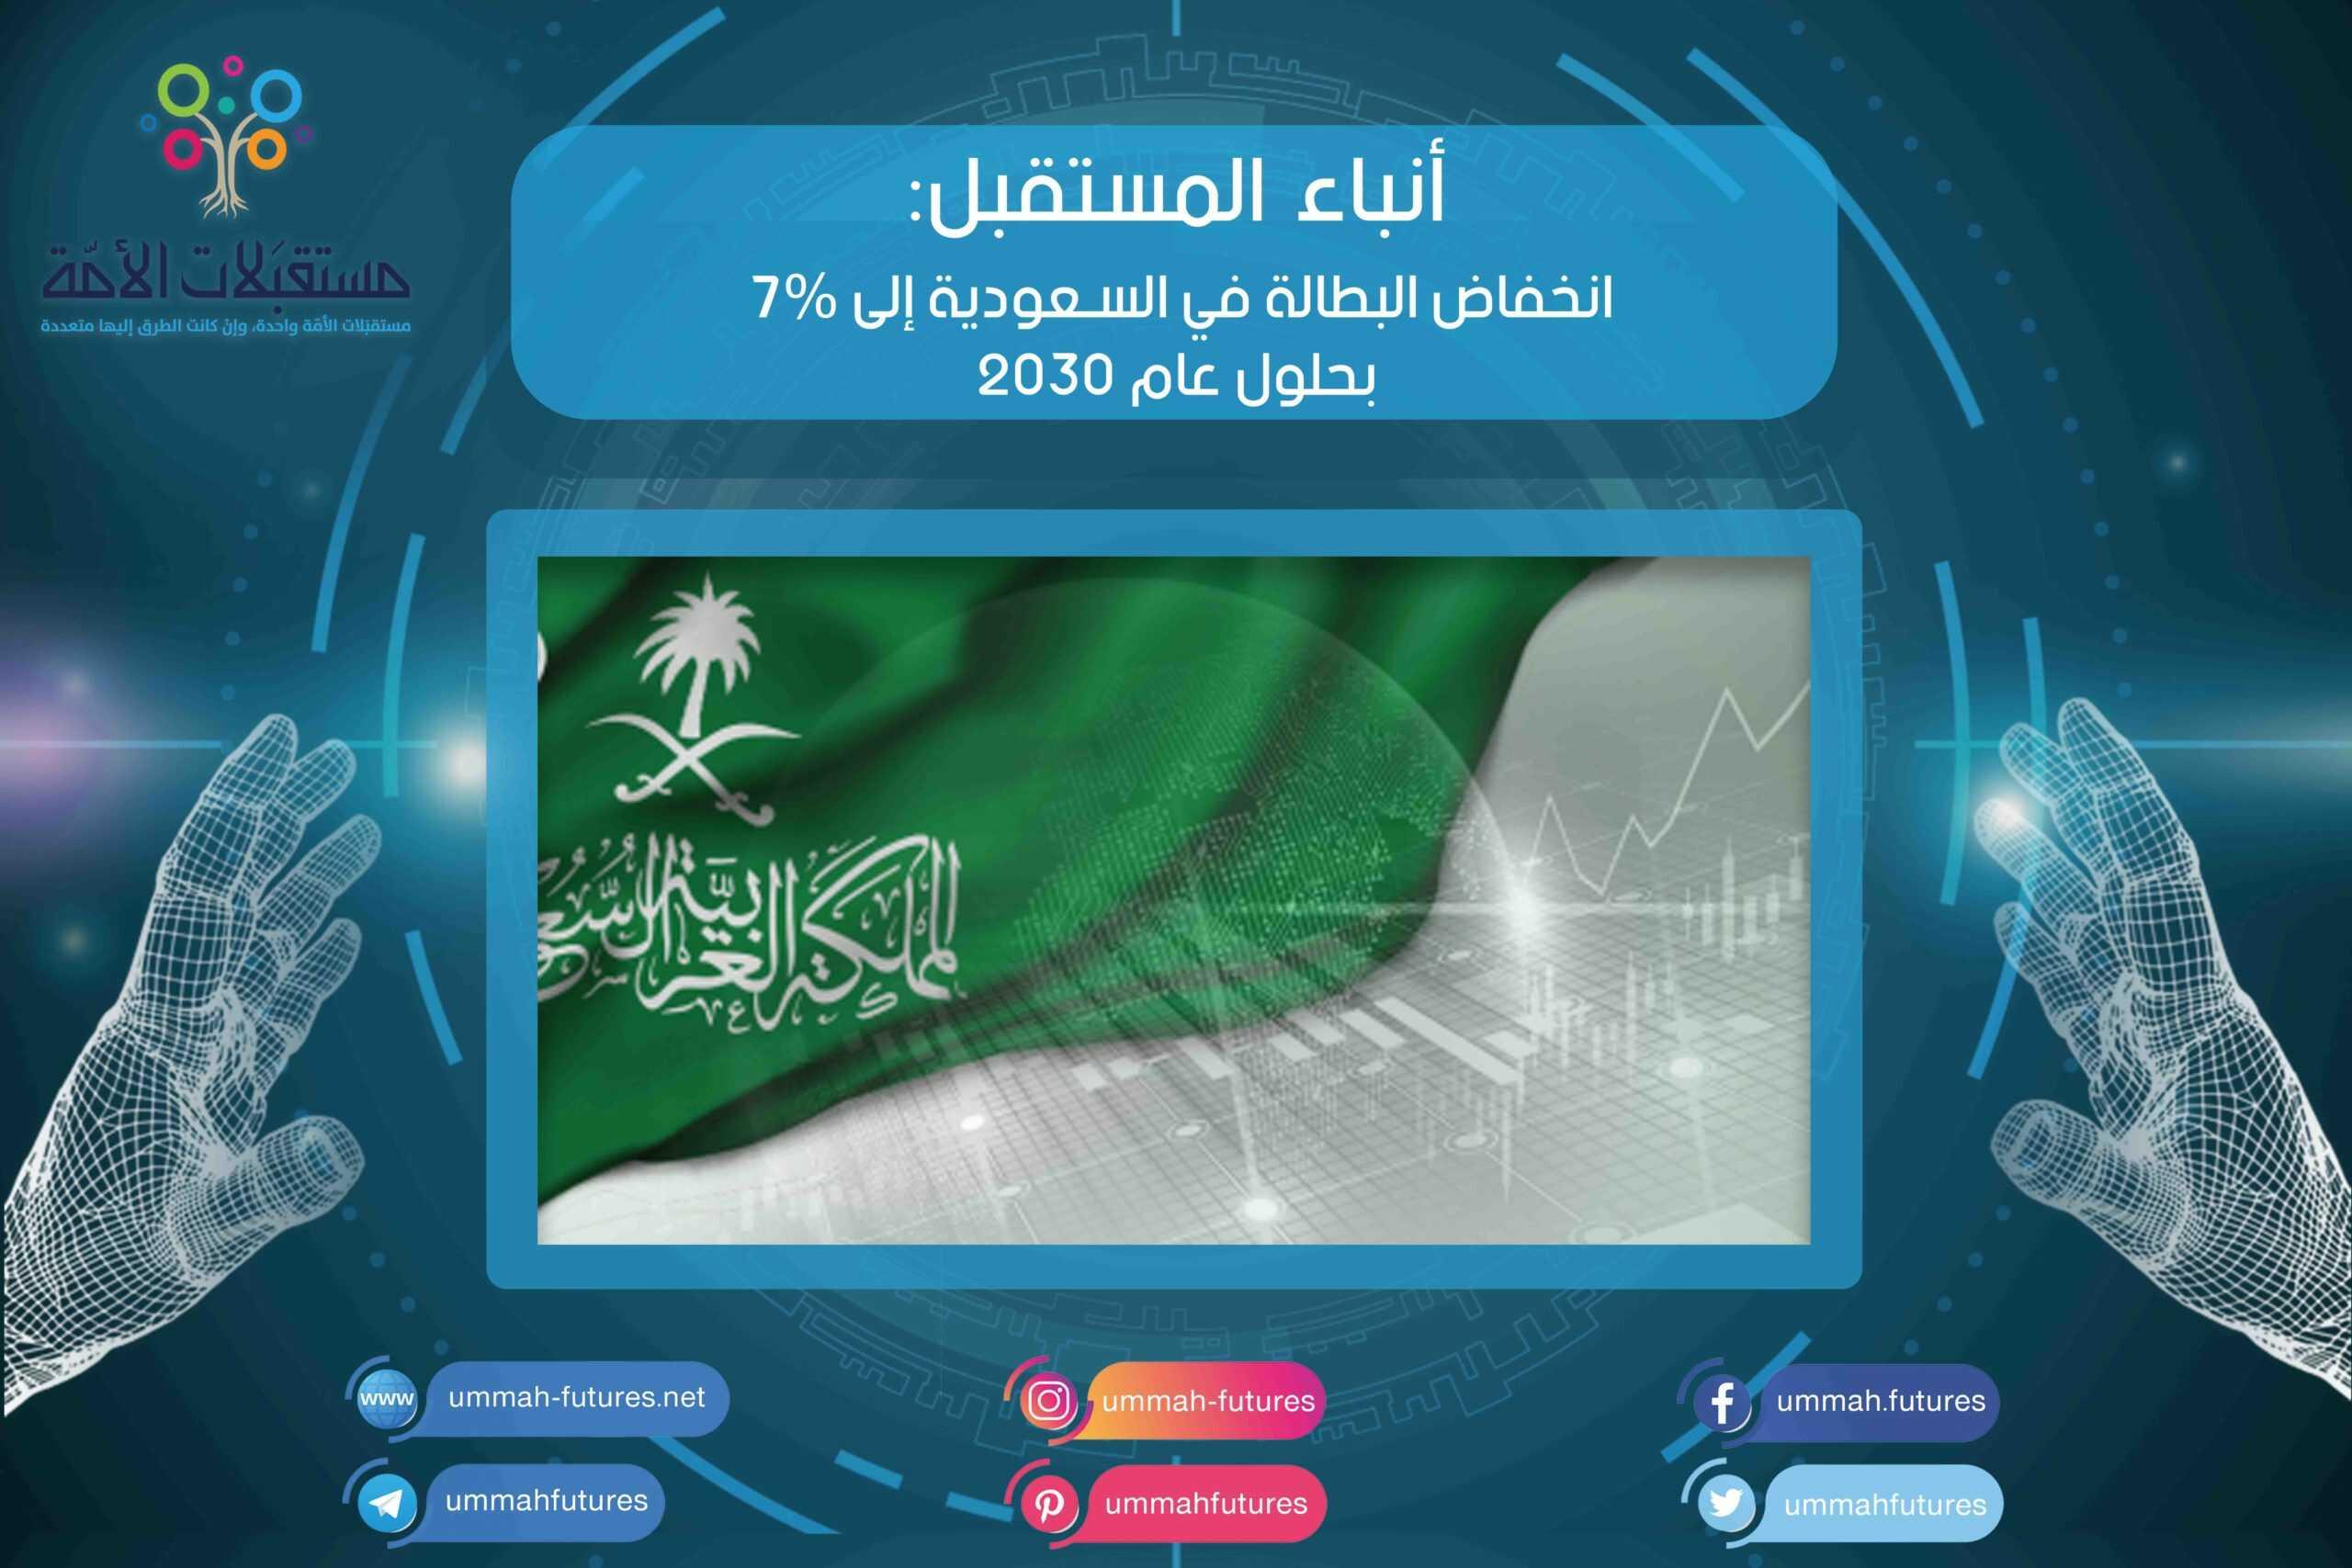 انخفاض البطالة في السعودية إلى 7% بحلول عام 2030